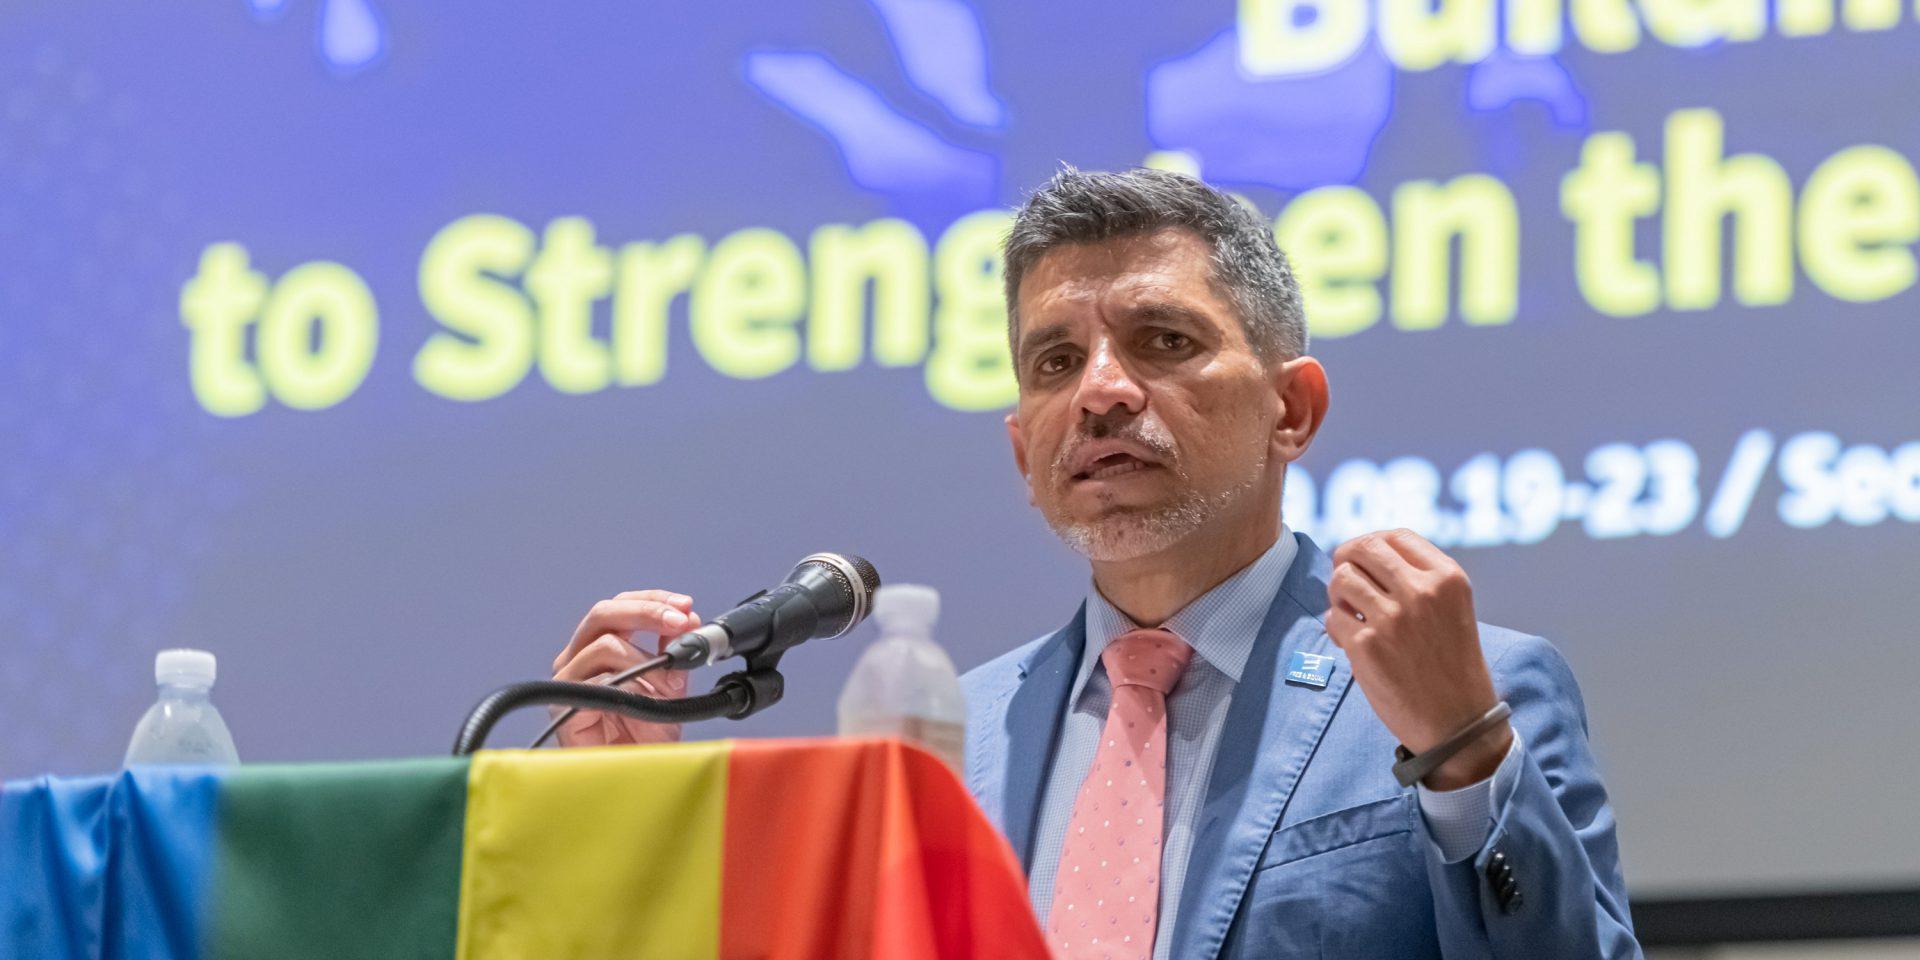 FN:s oberoende expert på frågor kring våld och diskriminering utifrån sexuell läggning och könsidentitet, Victor Madrigal-Borloz, varnar för ökad utsatthet för hbtq-personer.